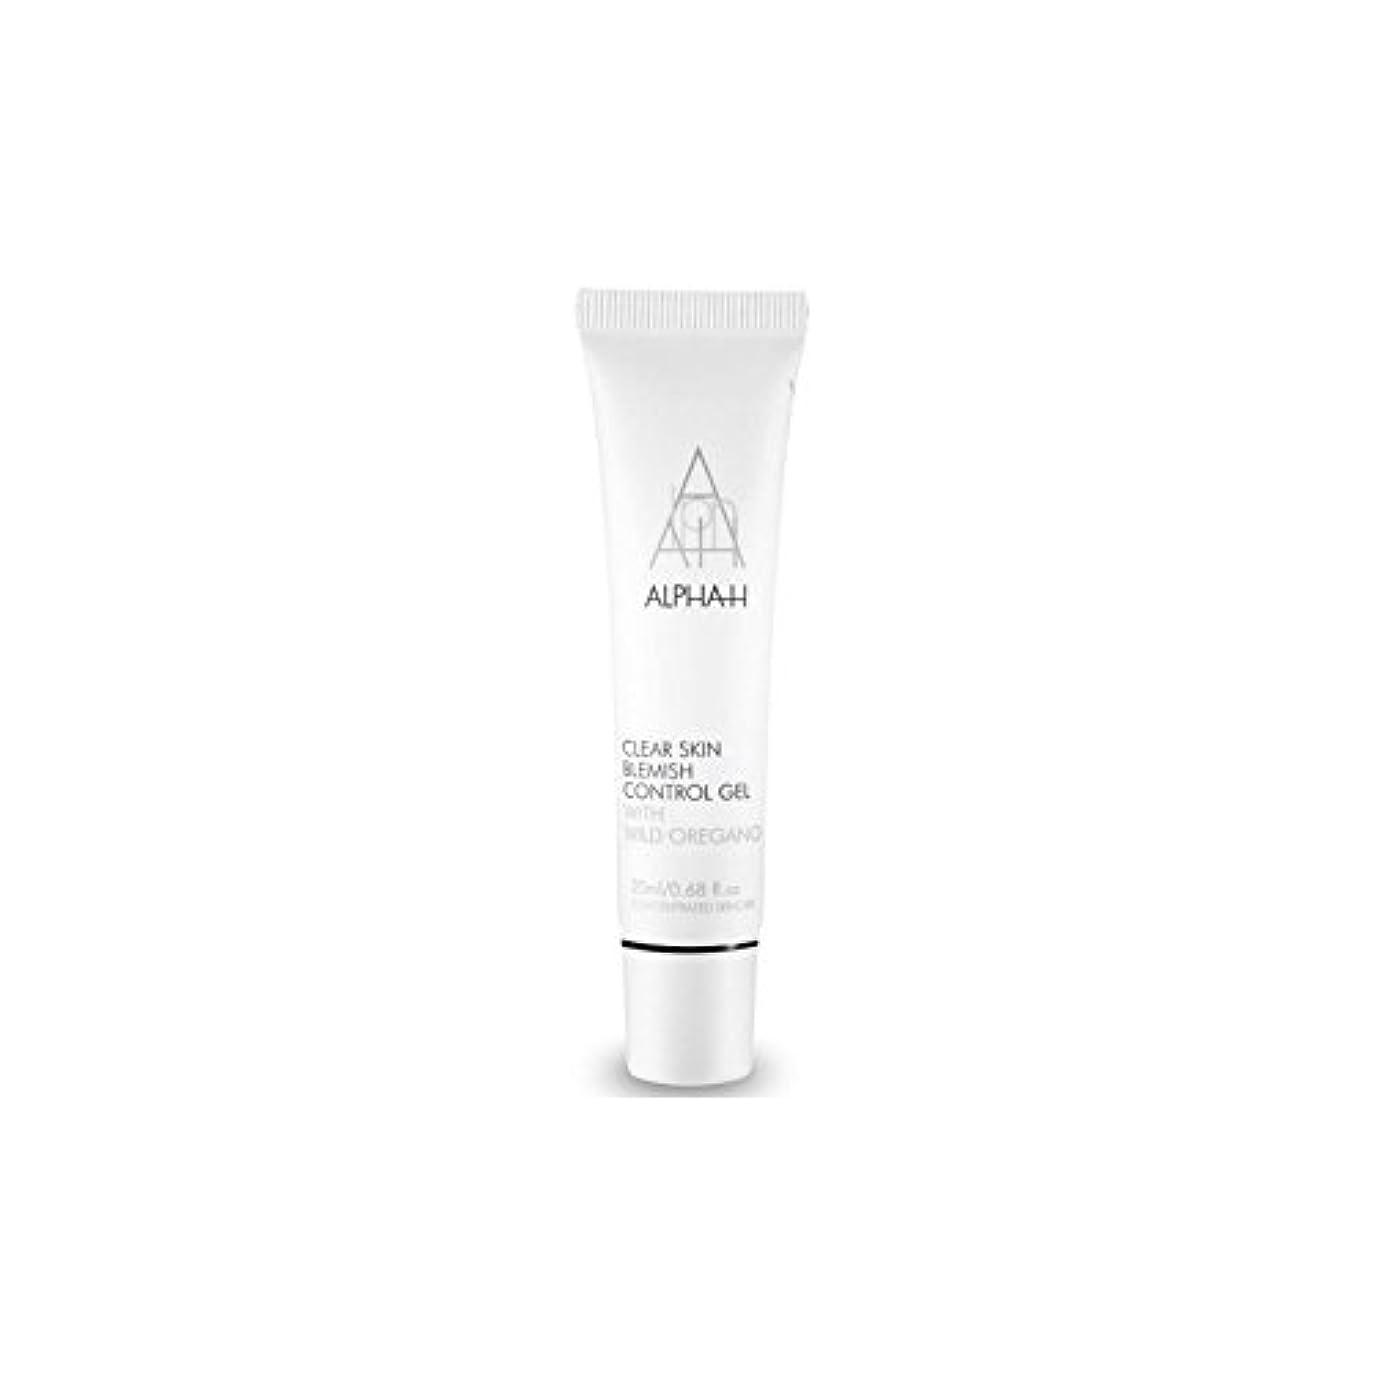 十分な削除する音楽Alpha-H Clear Skin Blemish Control Gel (20ml) - アルファクリア皮膚傷制御ゲル(20)中 [並行輸入品]